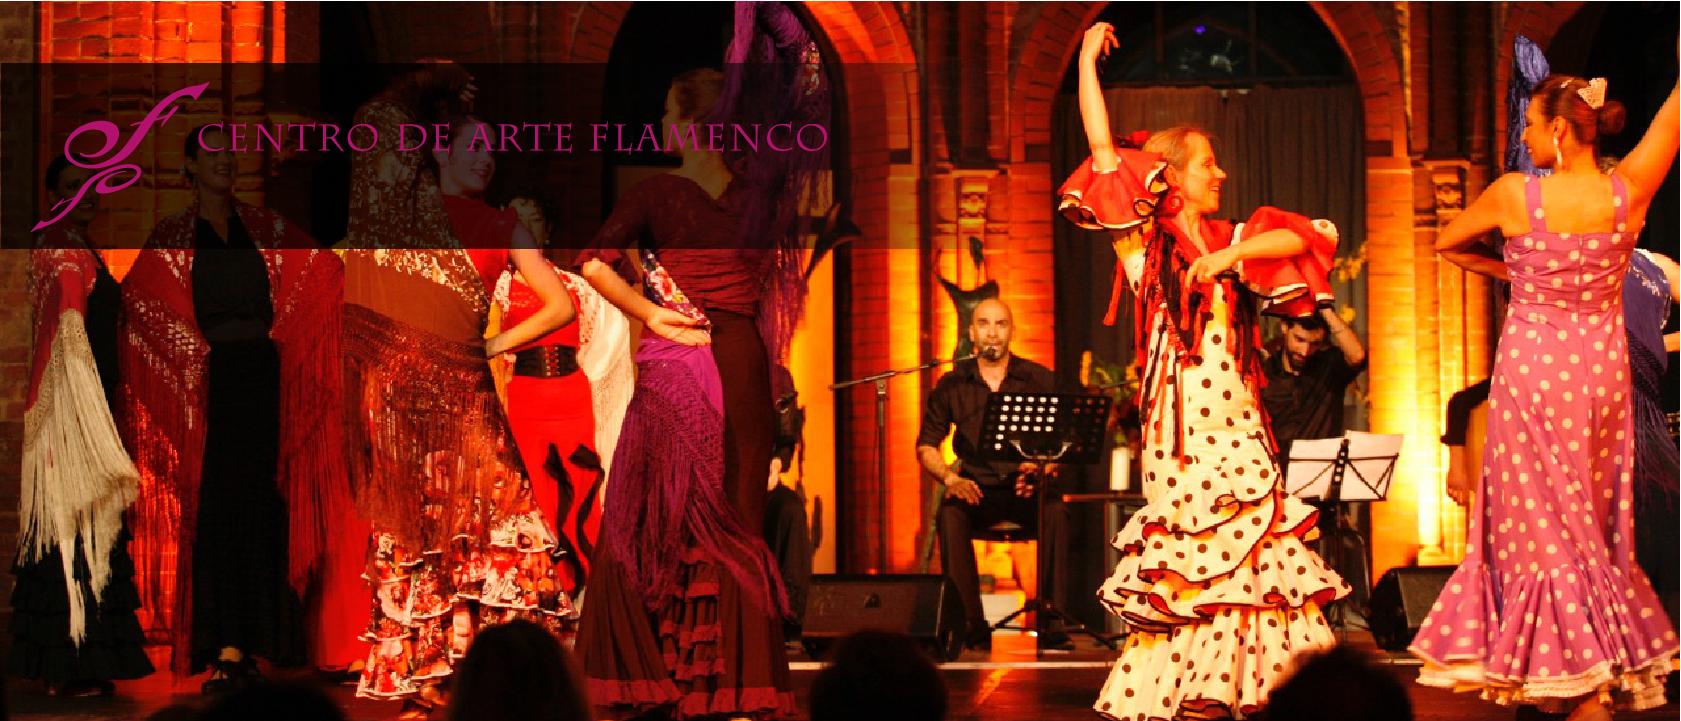 Neuer Flamencokurs für Anfänger ab Oktober 2020